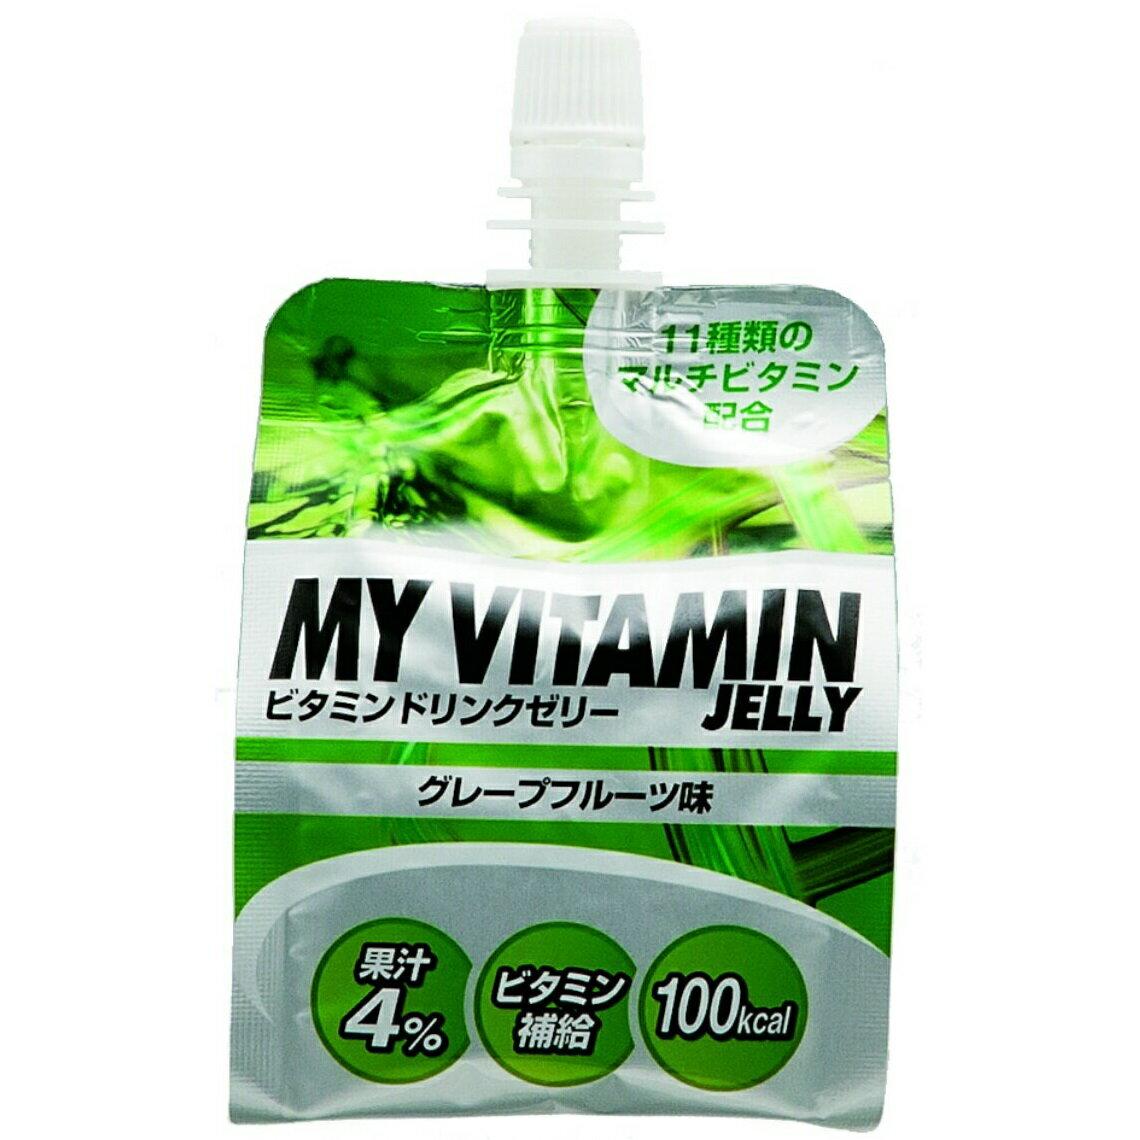 ビジョンクエスト Vision Questサプリビタミンゼリー グレープフルーツ味EGJ-GF ビタミン補給 ゼリー飲料 低価格 sc